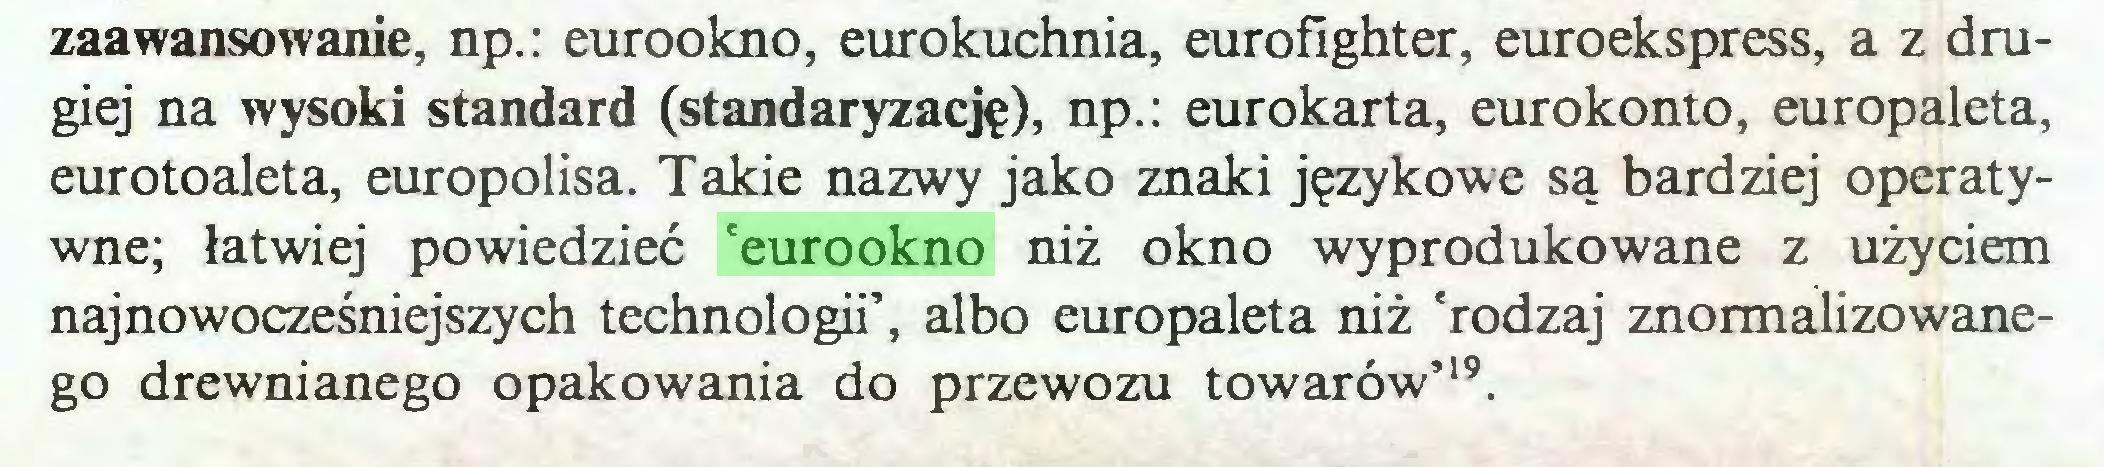 (...) zaawansowanie, np.: eurookno, eurokuchnia, eurofighter, euroekspress, a z drugiej na wysoki standard (standaryzację), np.: eurokarta, eurokonto, europaleta, eurotoaleta, europolisa. Takie nazwy jako znaki językowe są bardziej operatywne; łatwiej powiedzieć 'eurookno niż okno wyprodukowane z użyciem najnowocześniejszych technologii', albo europaleta niż 'rodzaj znormalizowanego drewnianego opakowania do przewozu towarów'19...